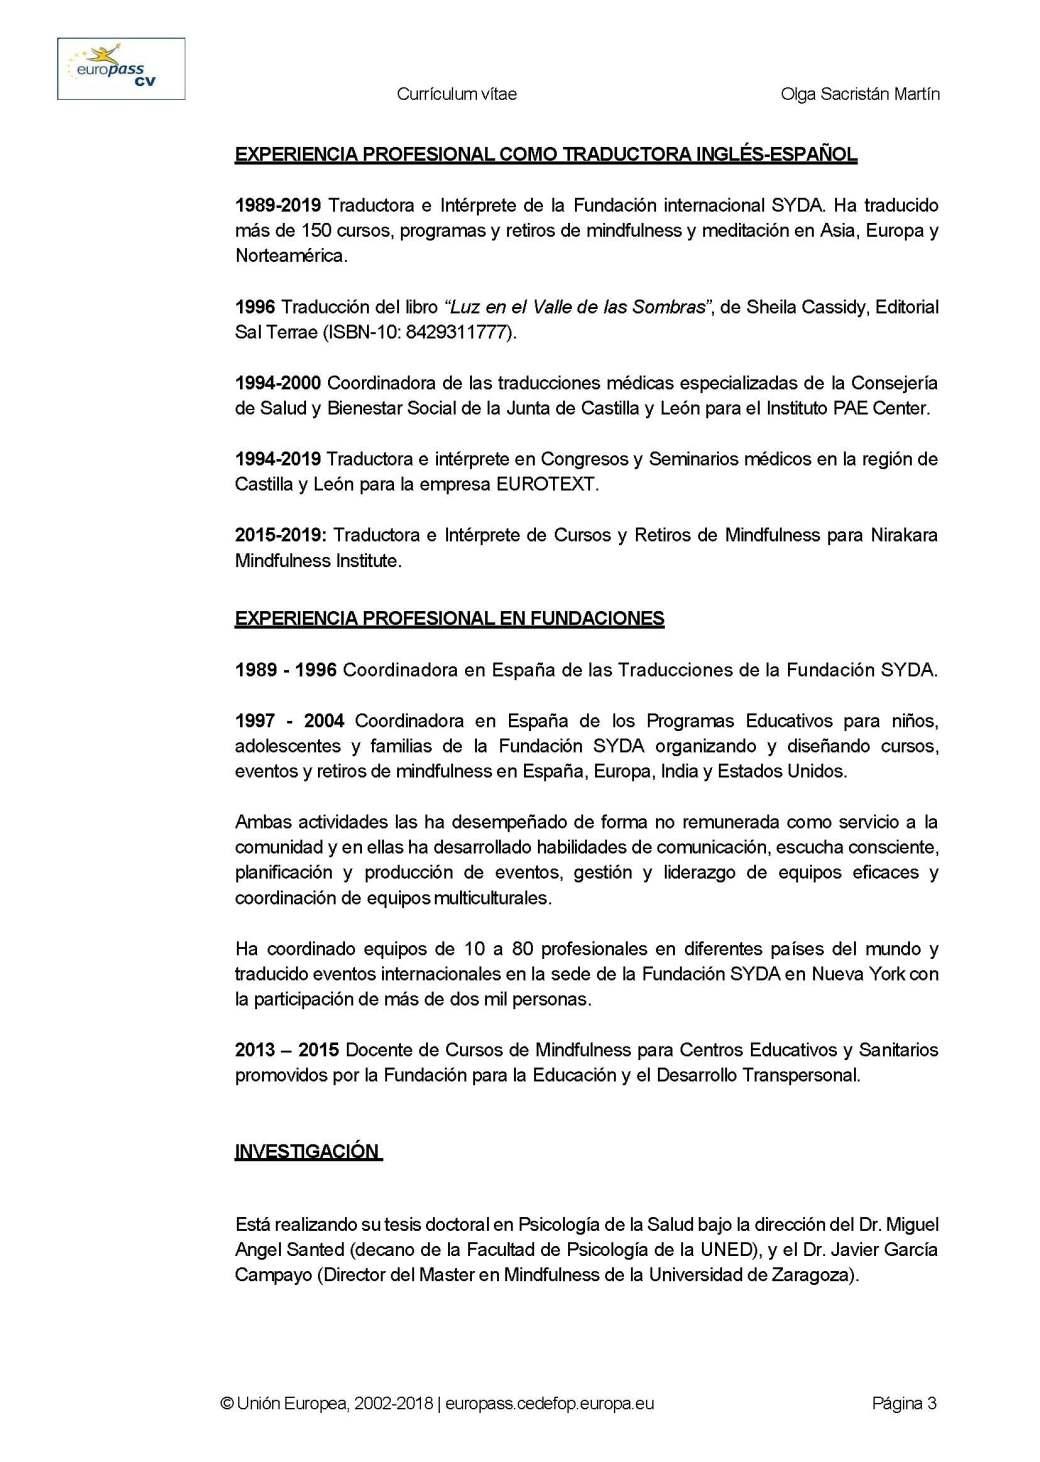 CURRICULUM EUROPASS DRA. OLGA SACRISTAN 2019_Página_03